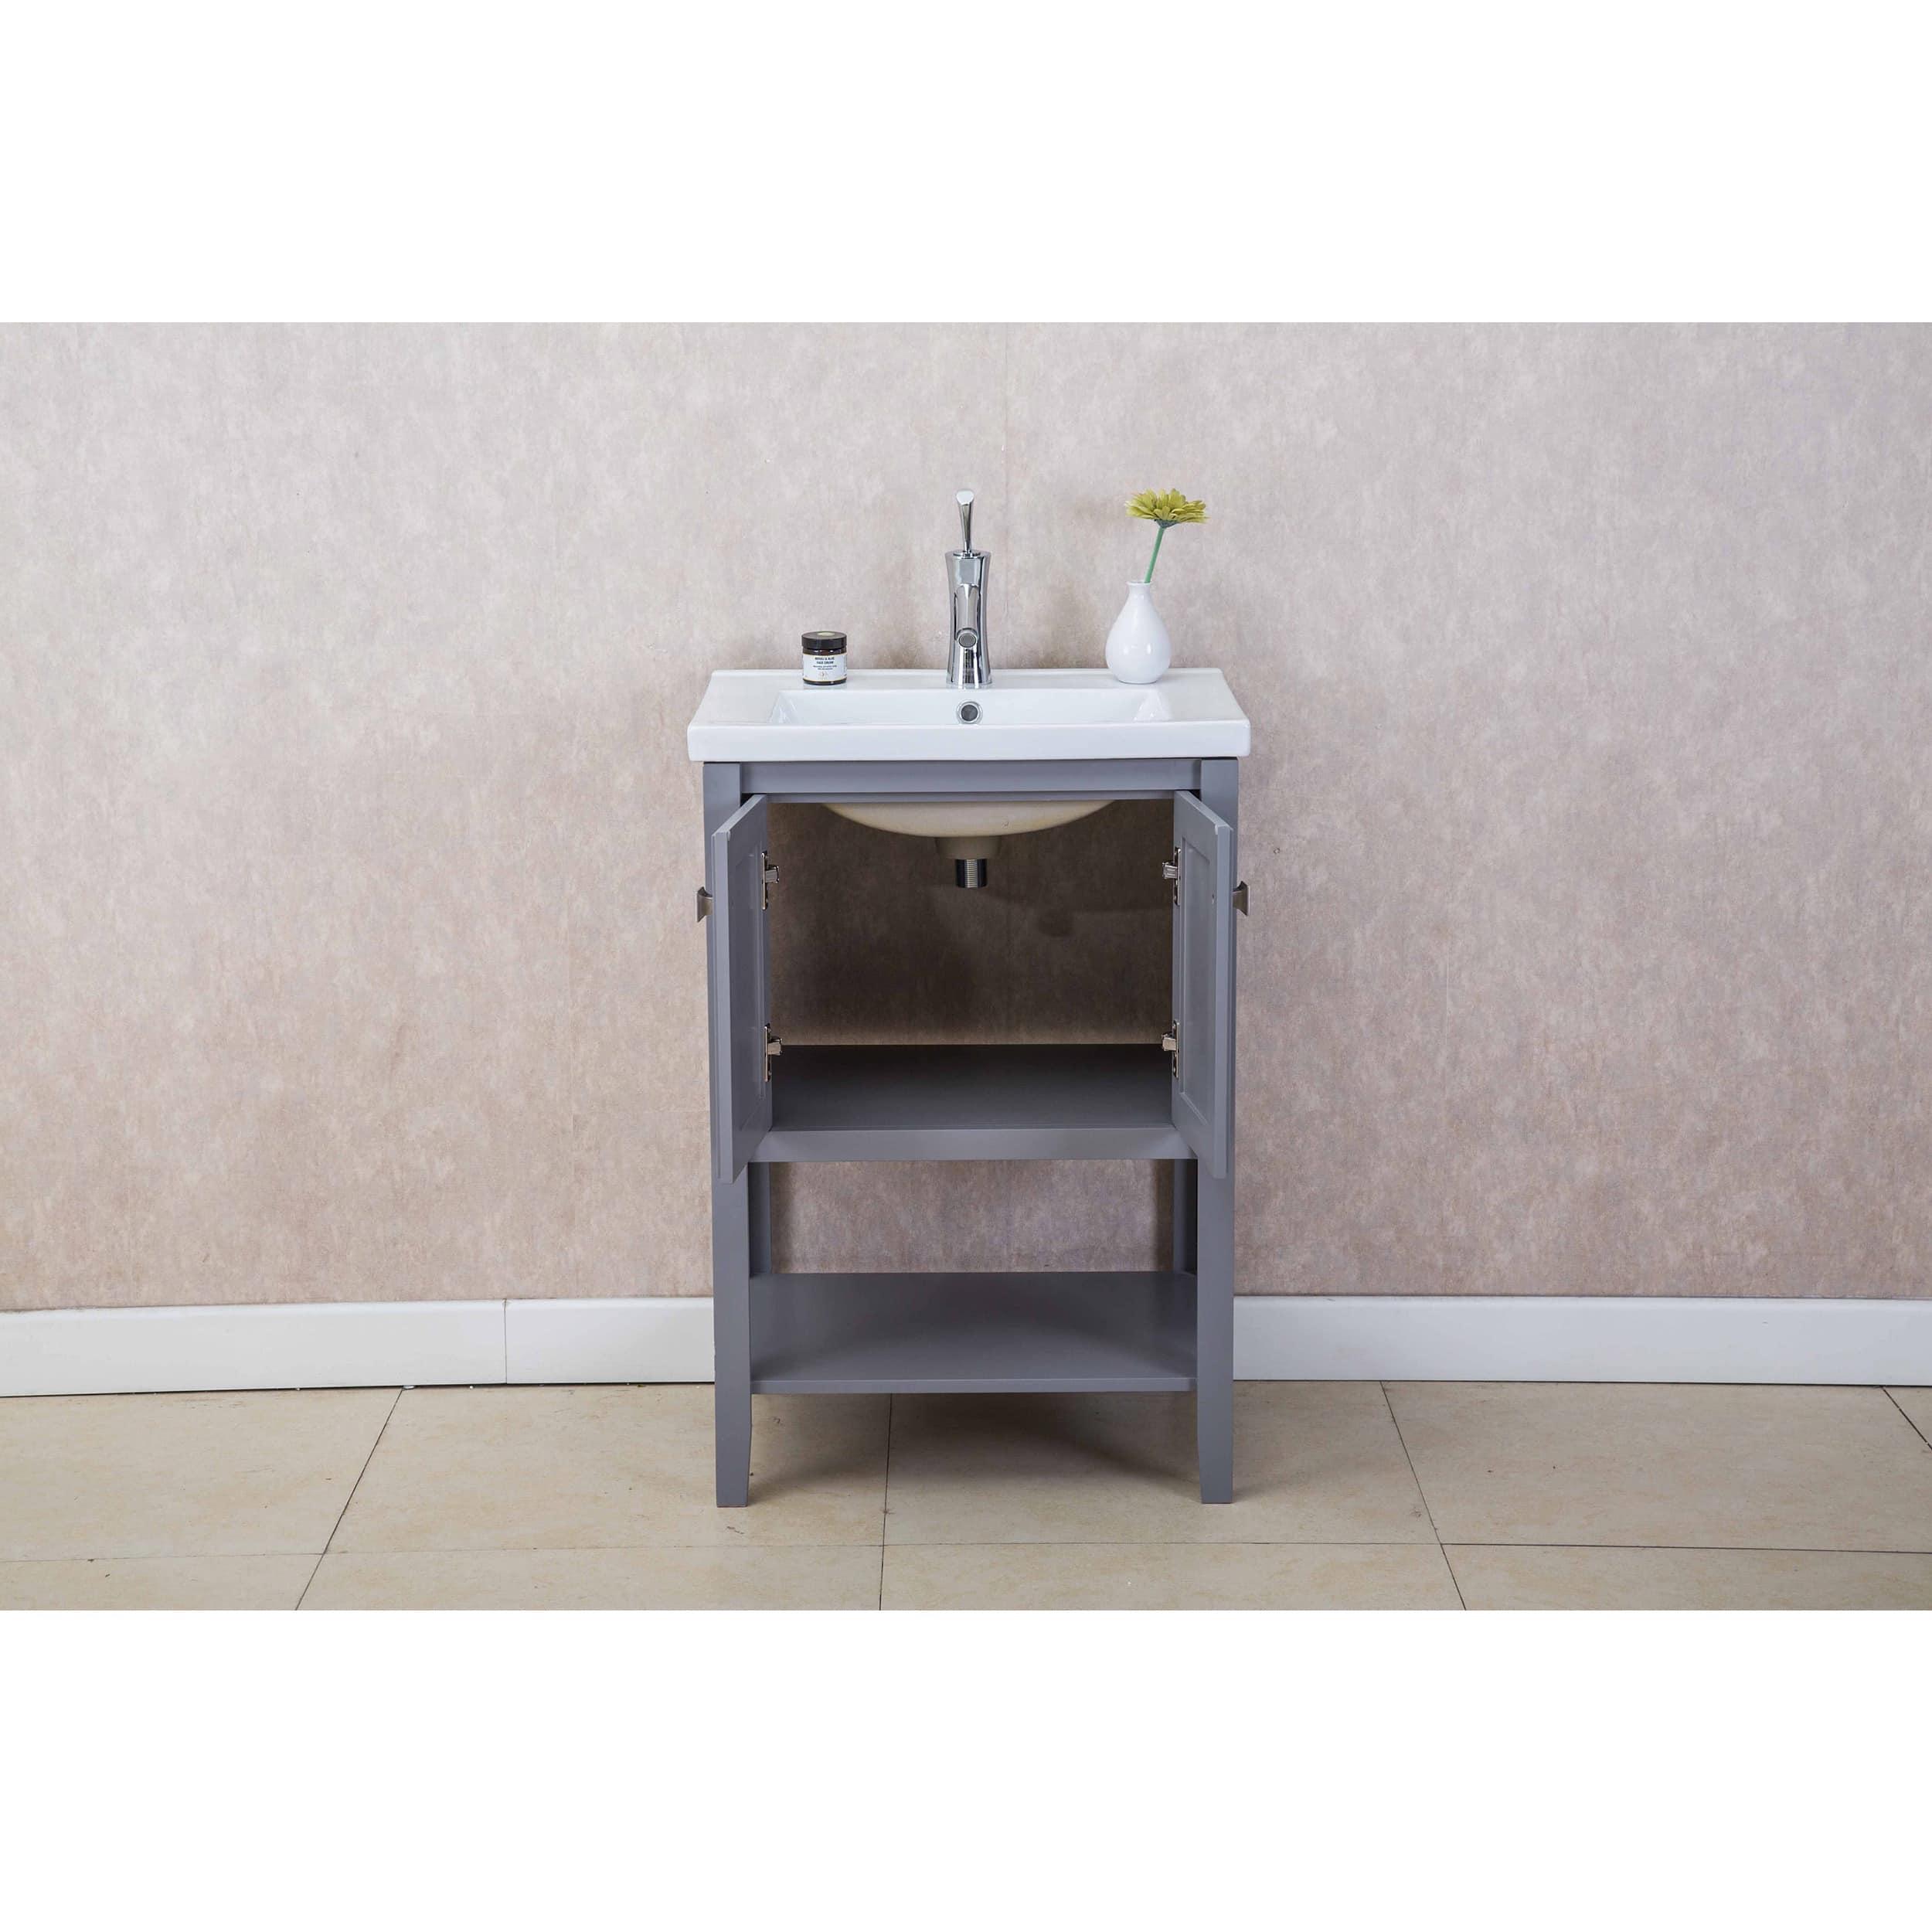 Bathroom vanities amp vanity cabinets for less overstock com